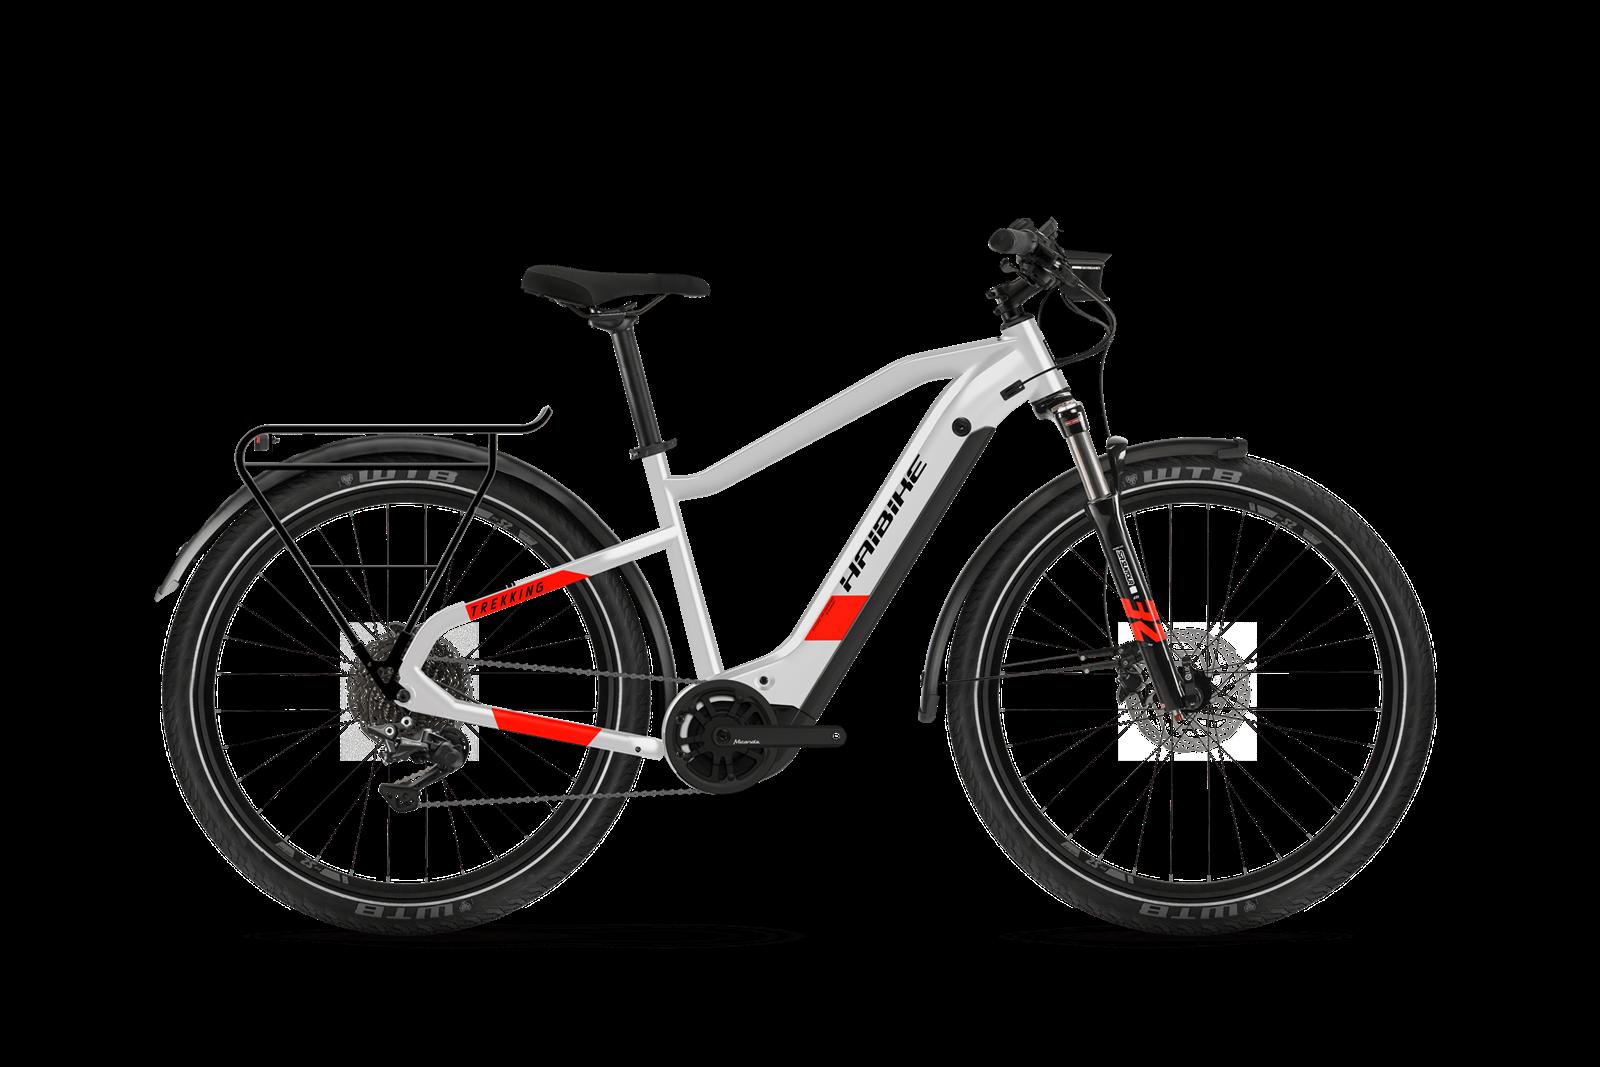 HAIBIKE Trekking 7 férfi trekking pedelec kerékpár - szürke - L (2021)